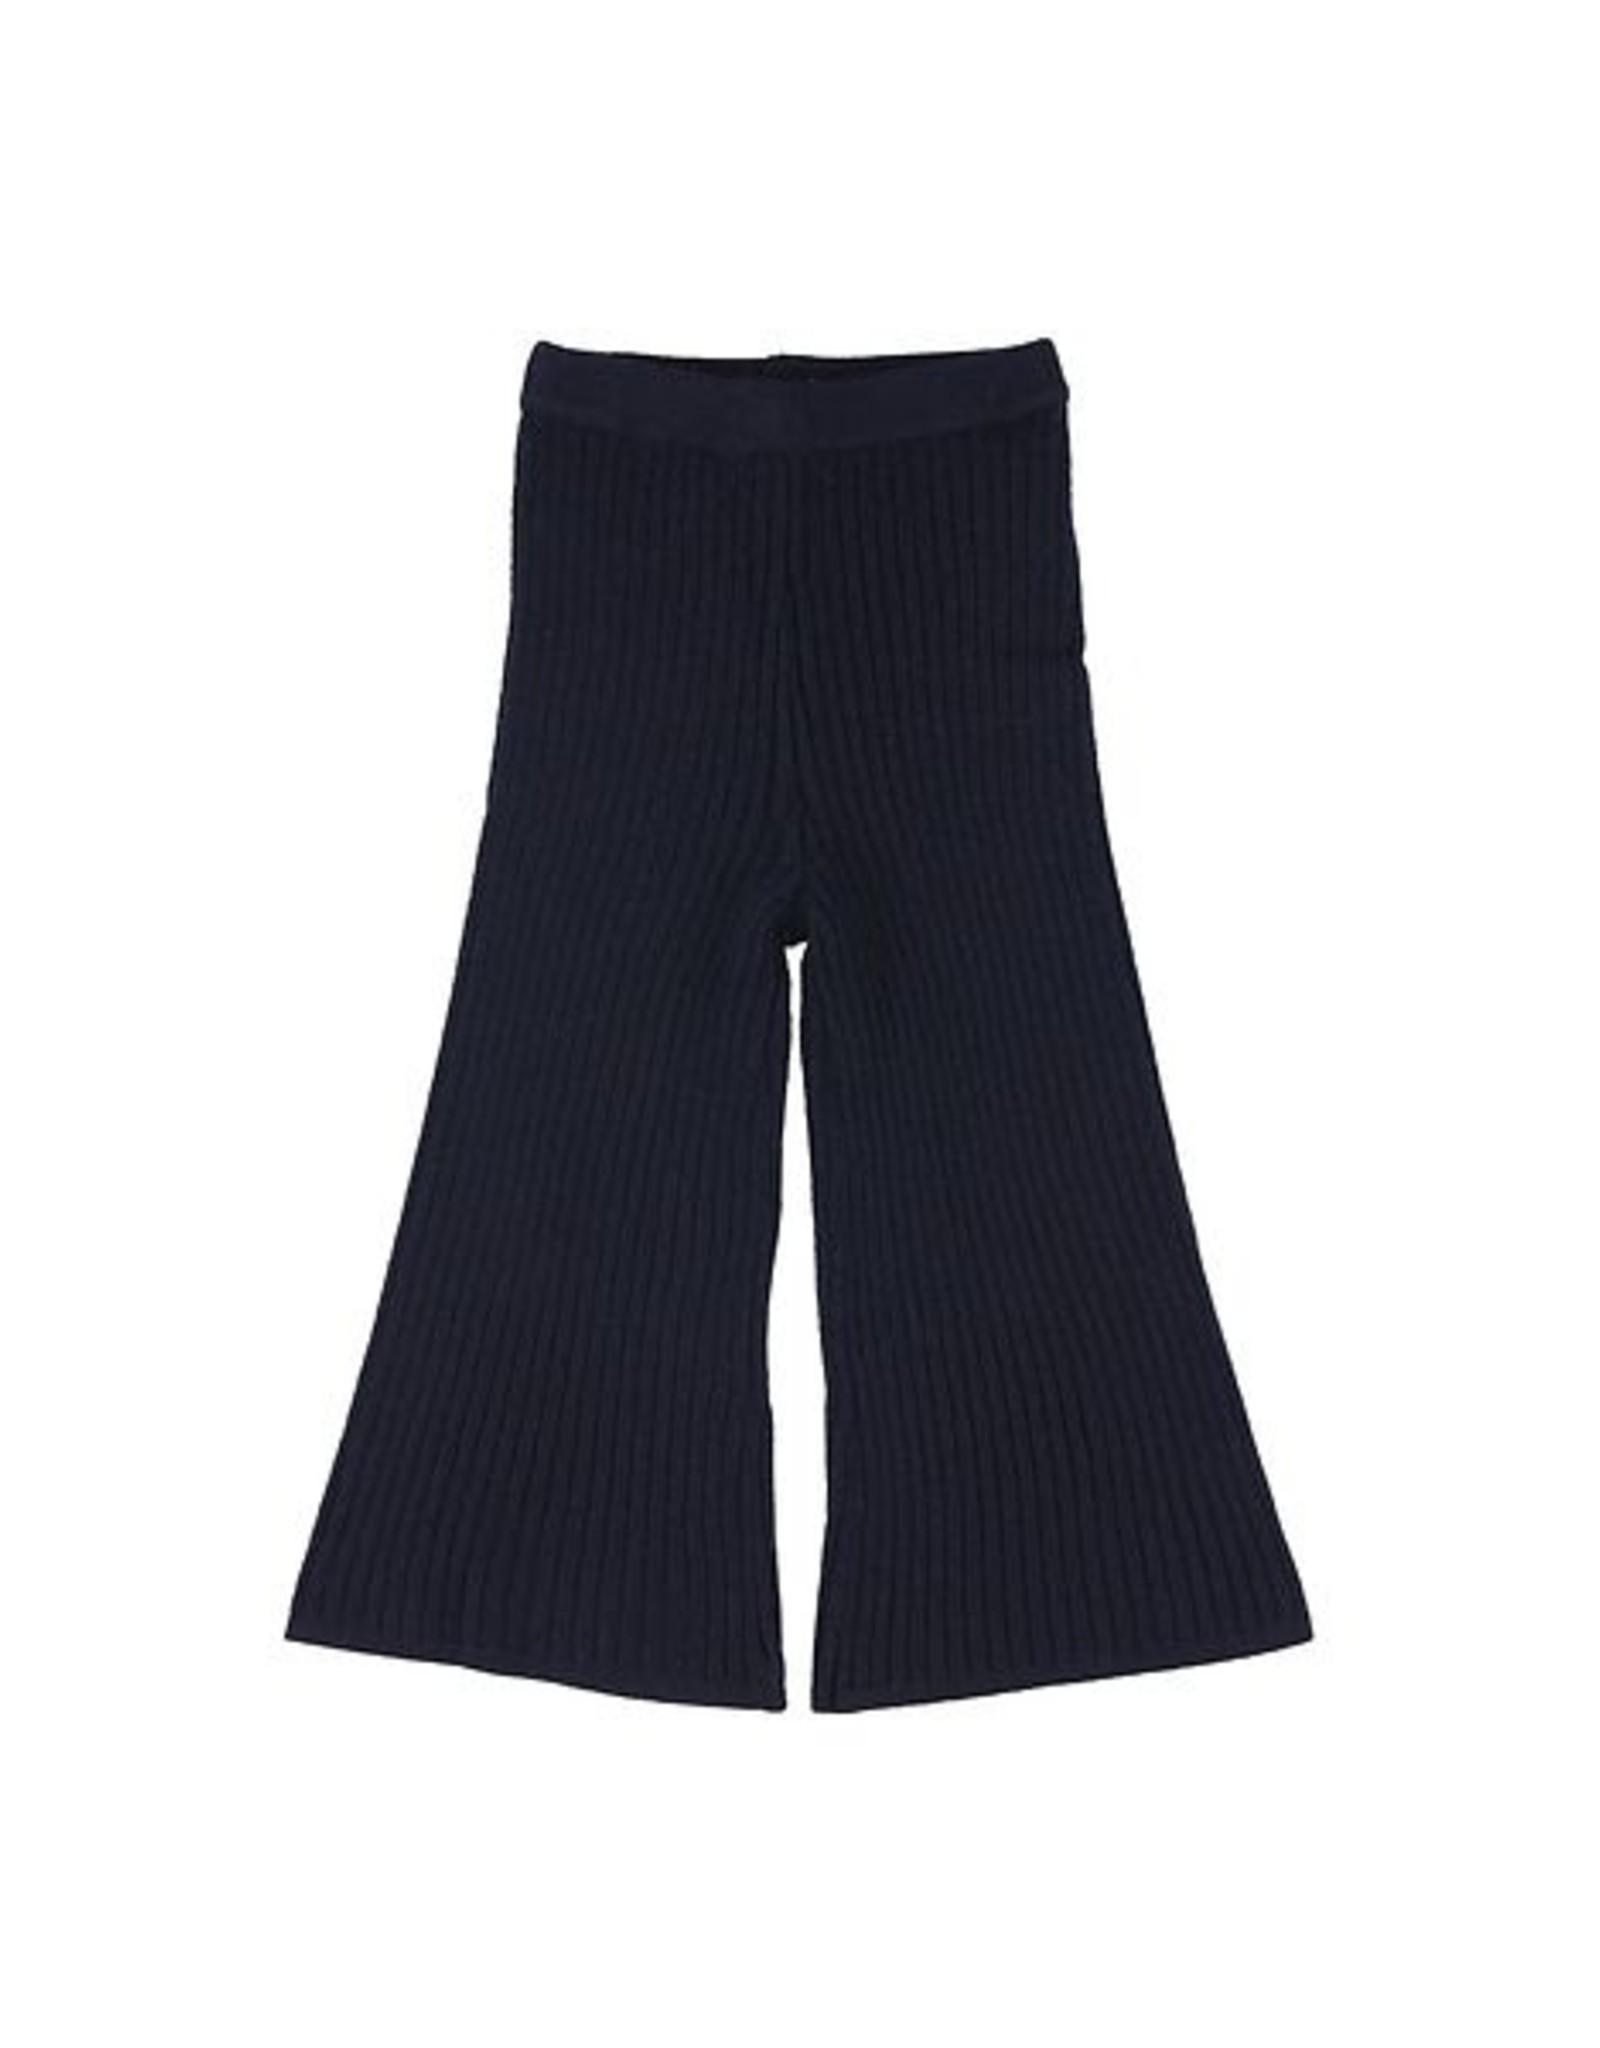 MORLEY MORLEY Ona navy trouser